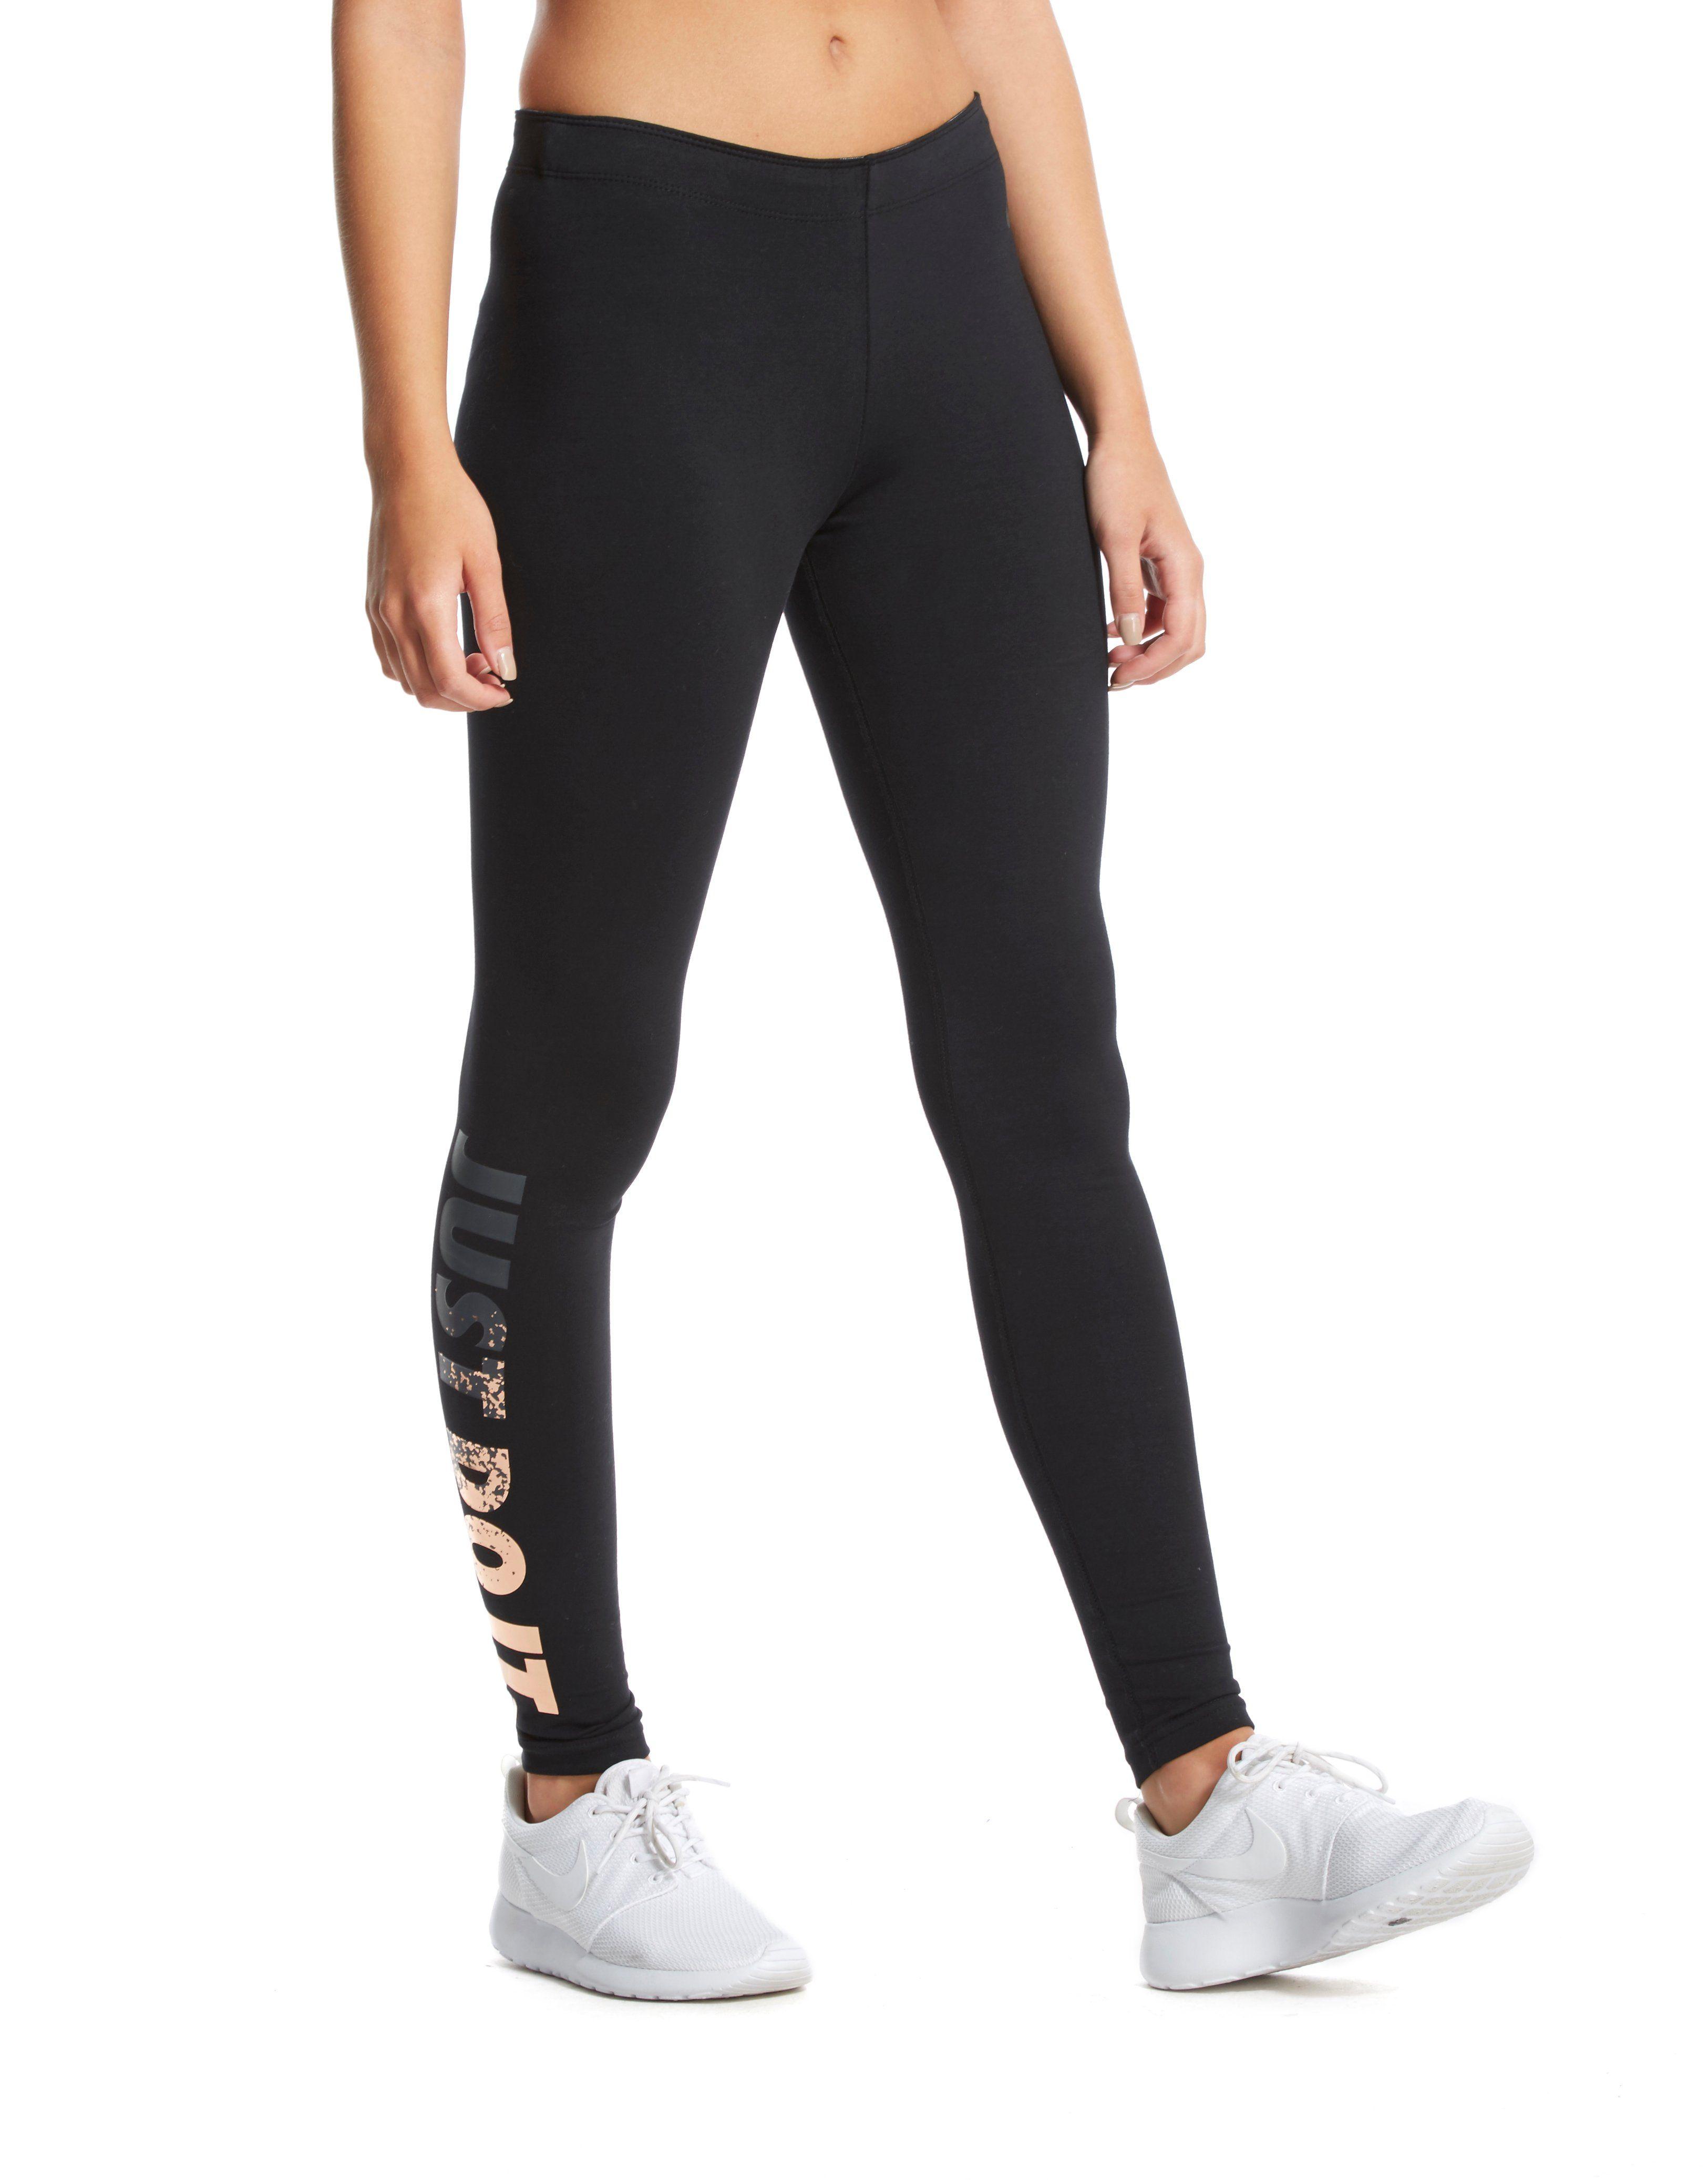 Nike Just Do It Leggings